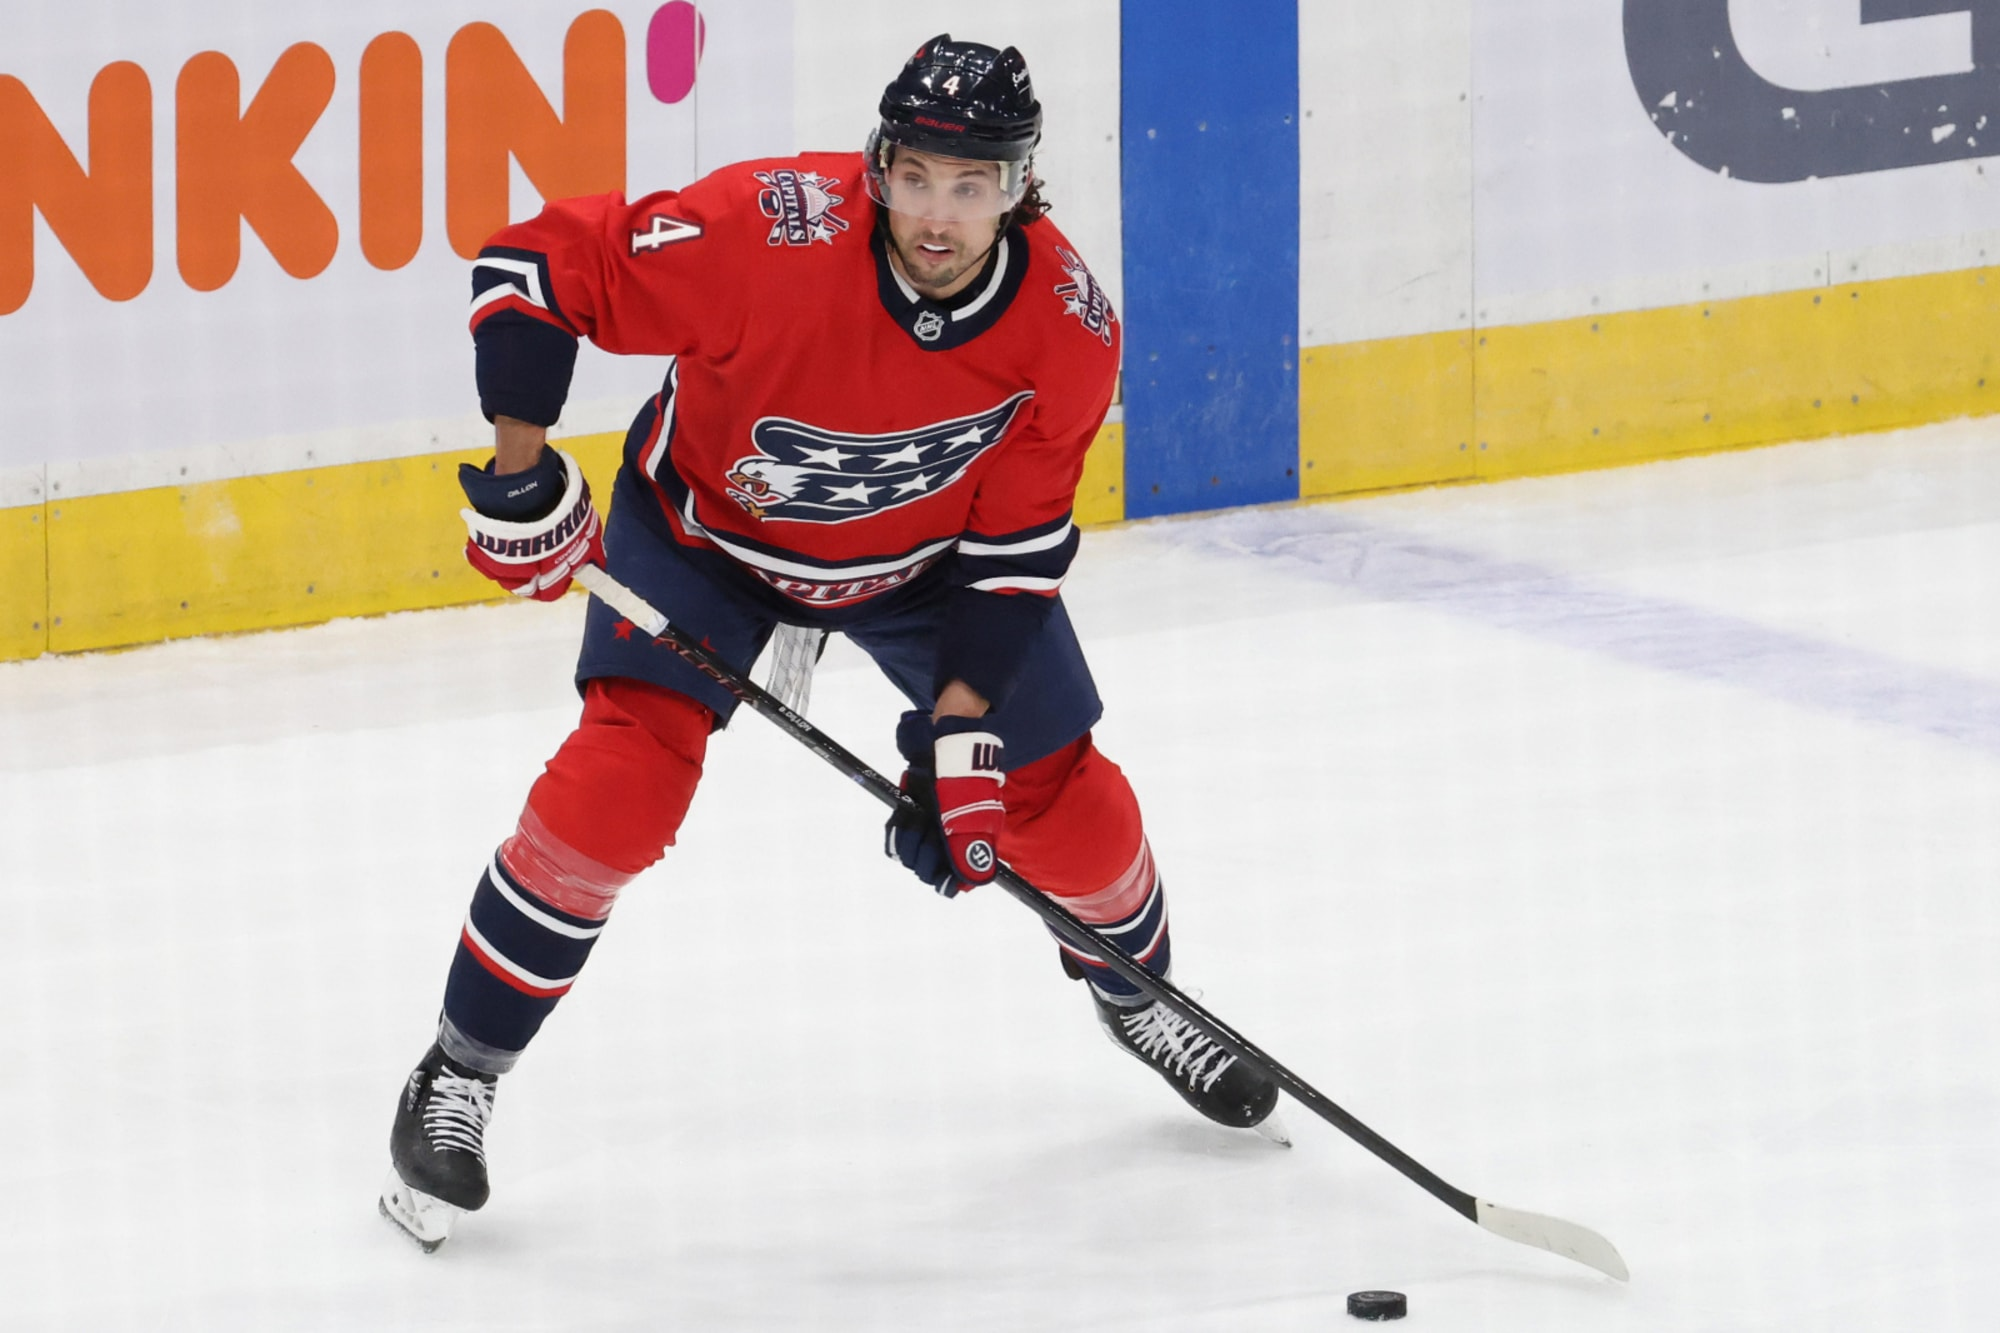 Winnipeg Jets Complete Blockbuster Trade for Brenden Dillon